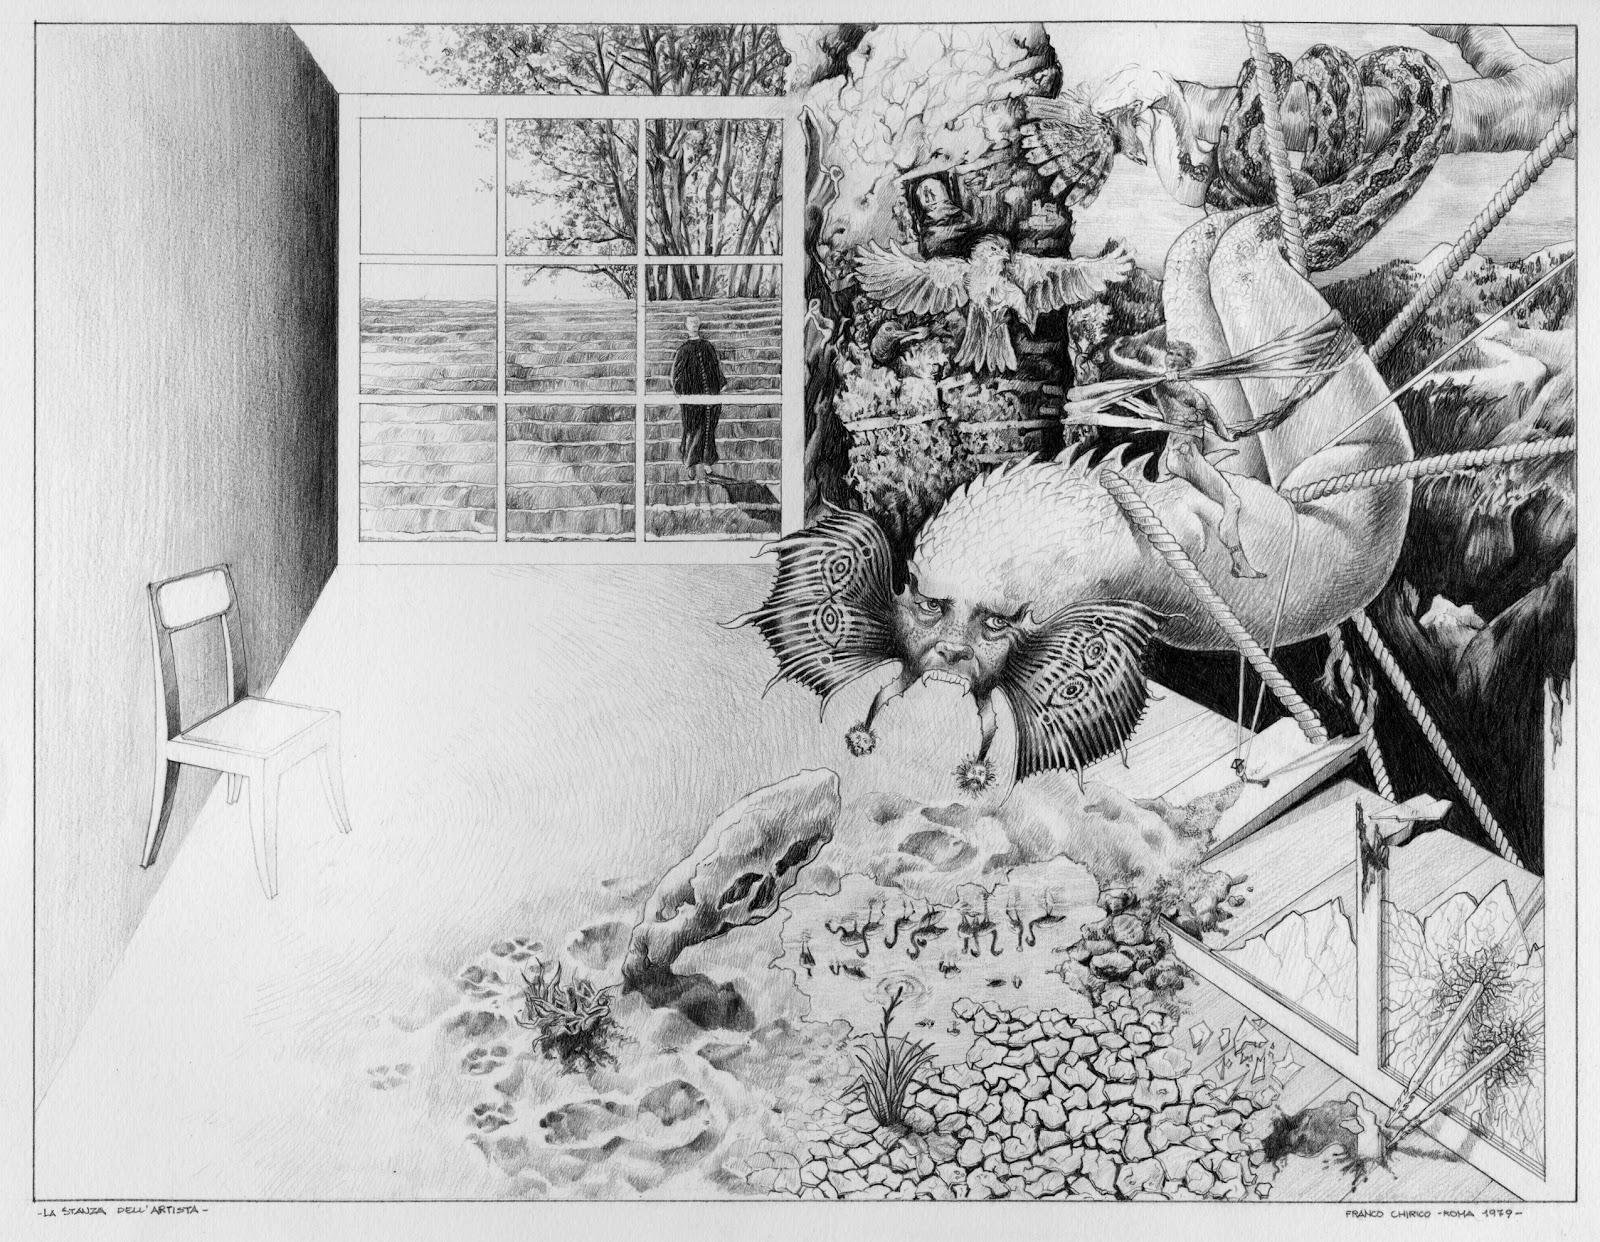 Nostradannus avventure e presa in girum la stanza for Disegno stanza